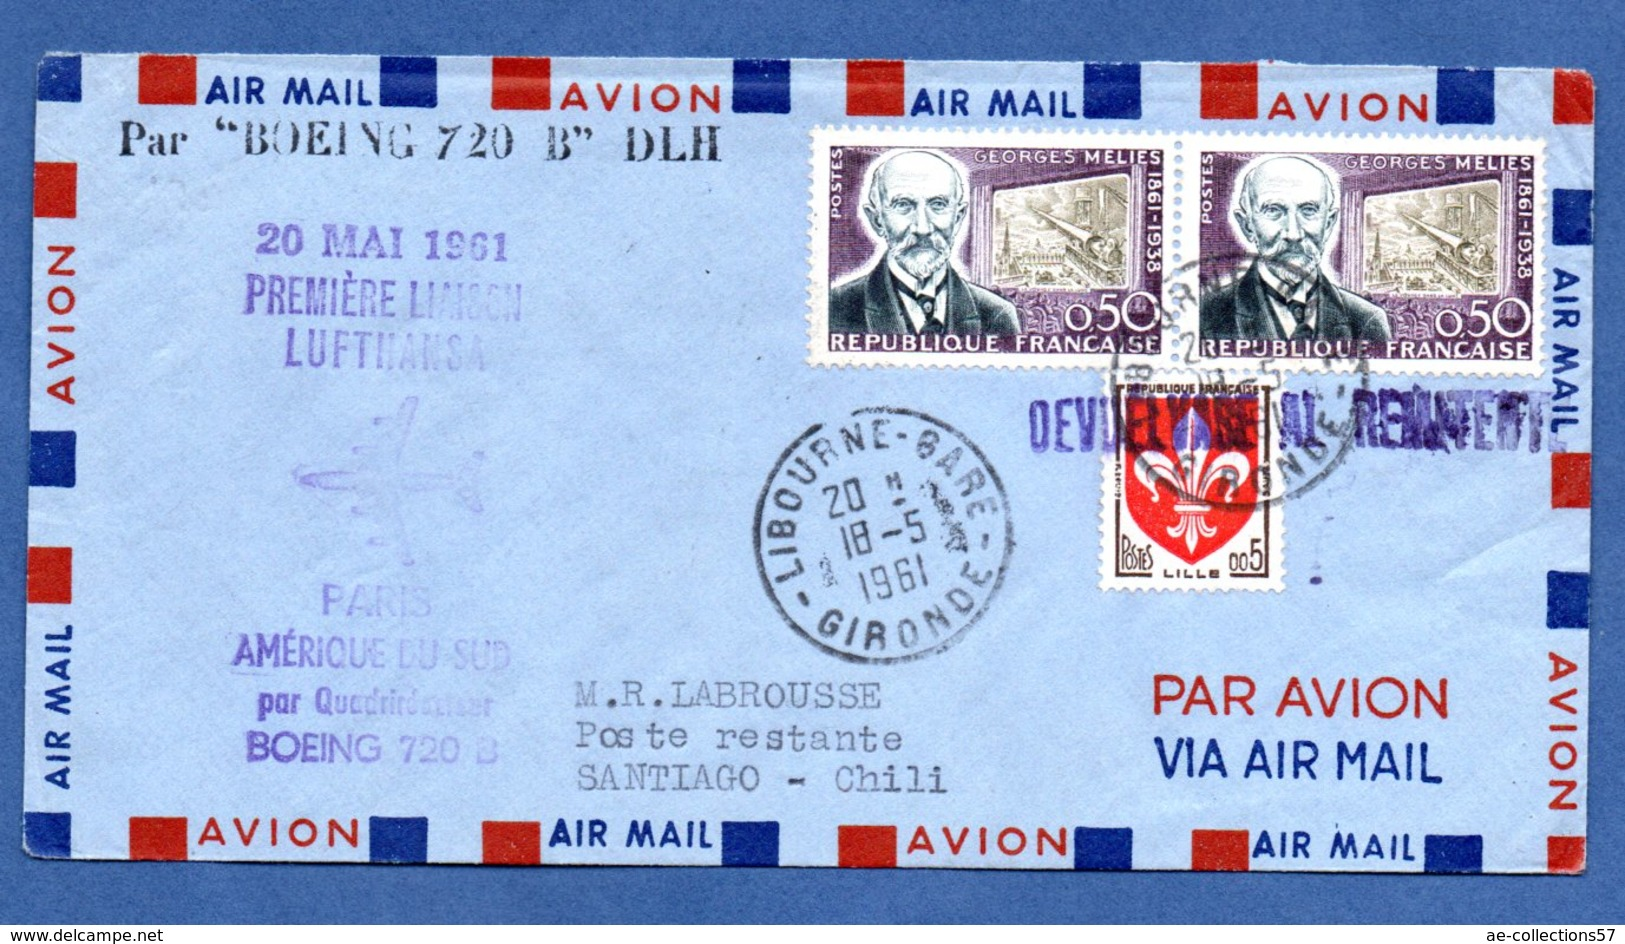 Enveloppe / De Libourne / Pour Santiago - Chili / Par Boeing 720 B   / 18-5-61 - 1961-....